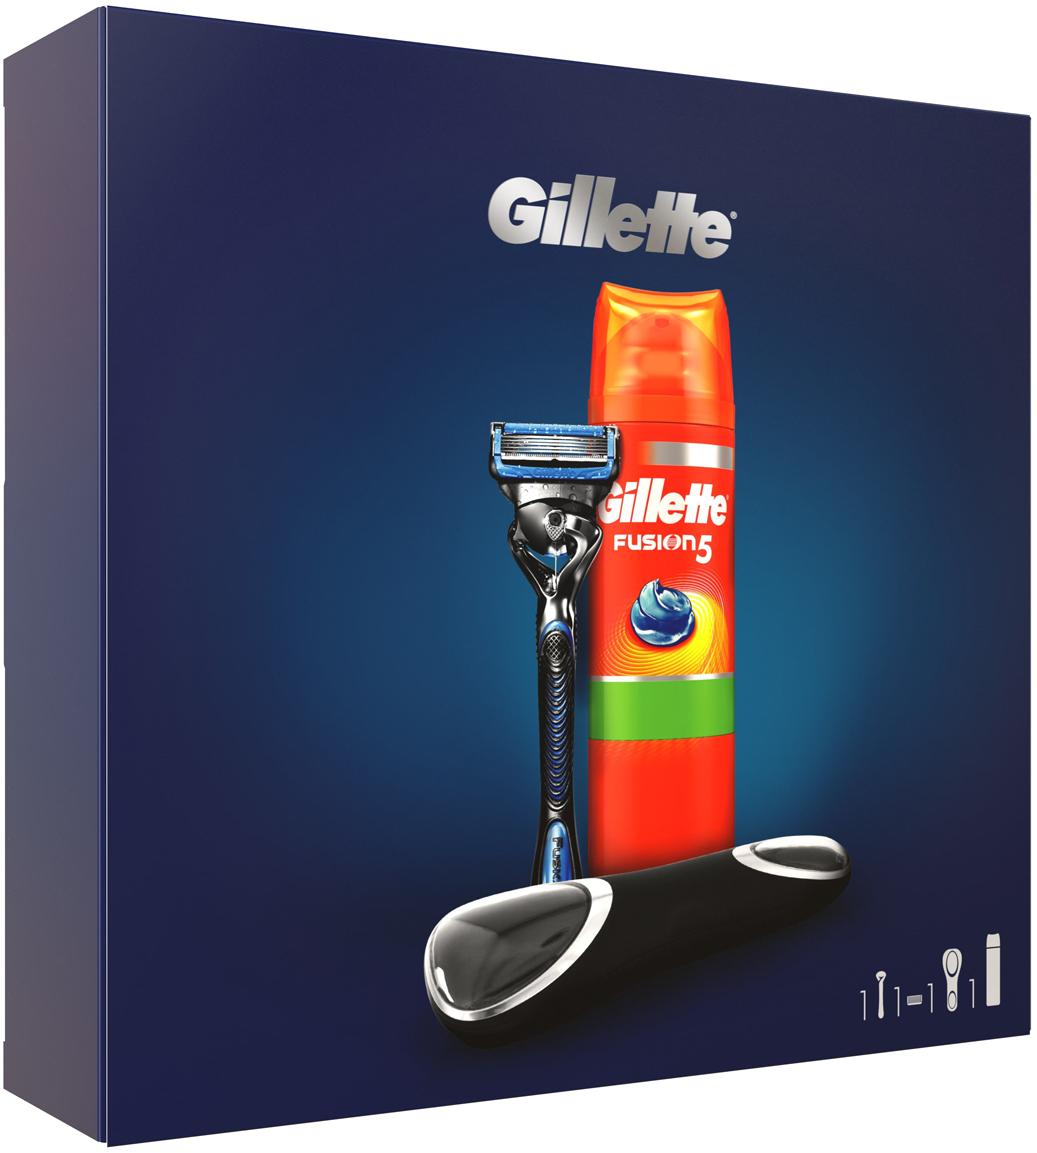 Подарочный набор Gillette Fusion5 ProShield Chill: Бритва, 1 кассета, Гель для бритья для чувствствительной кожи, 200 мл, Дорожный чехол бритва для бритья яиц